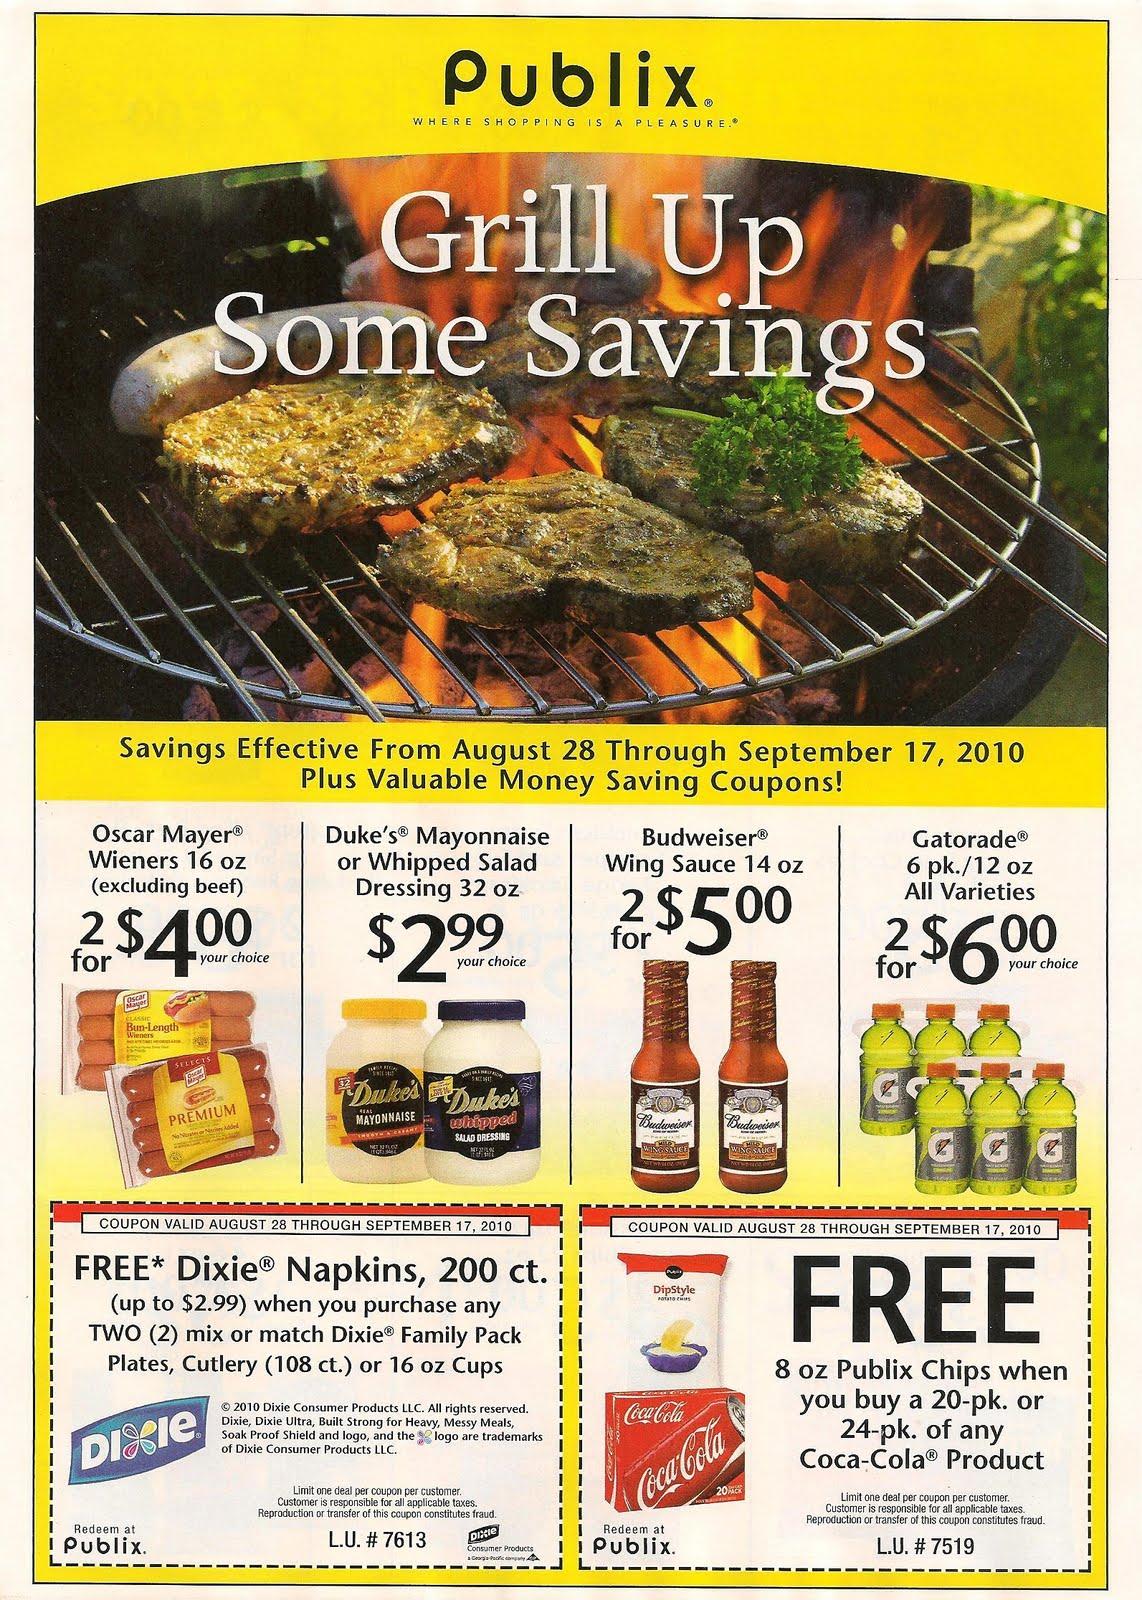 Airwick printable coupon